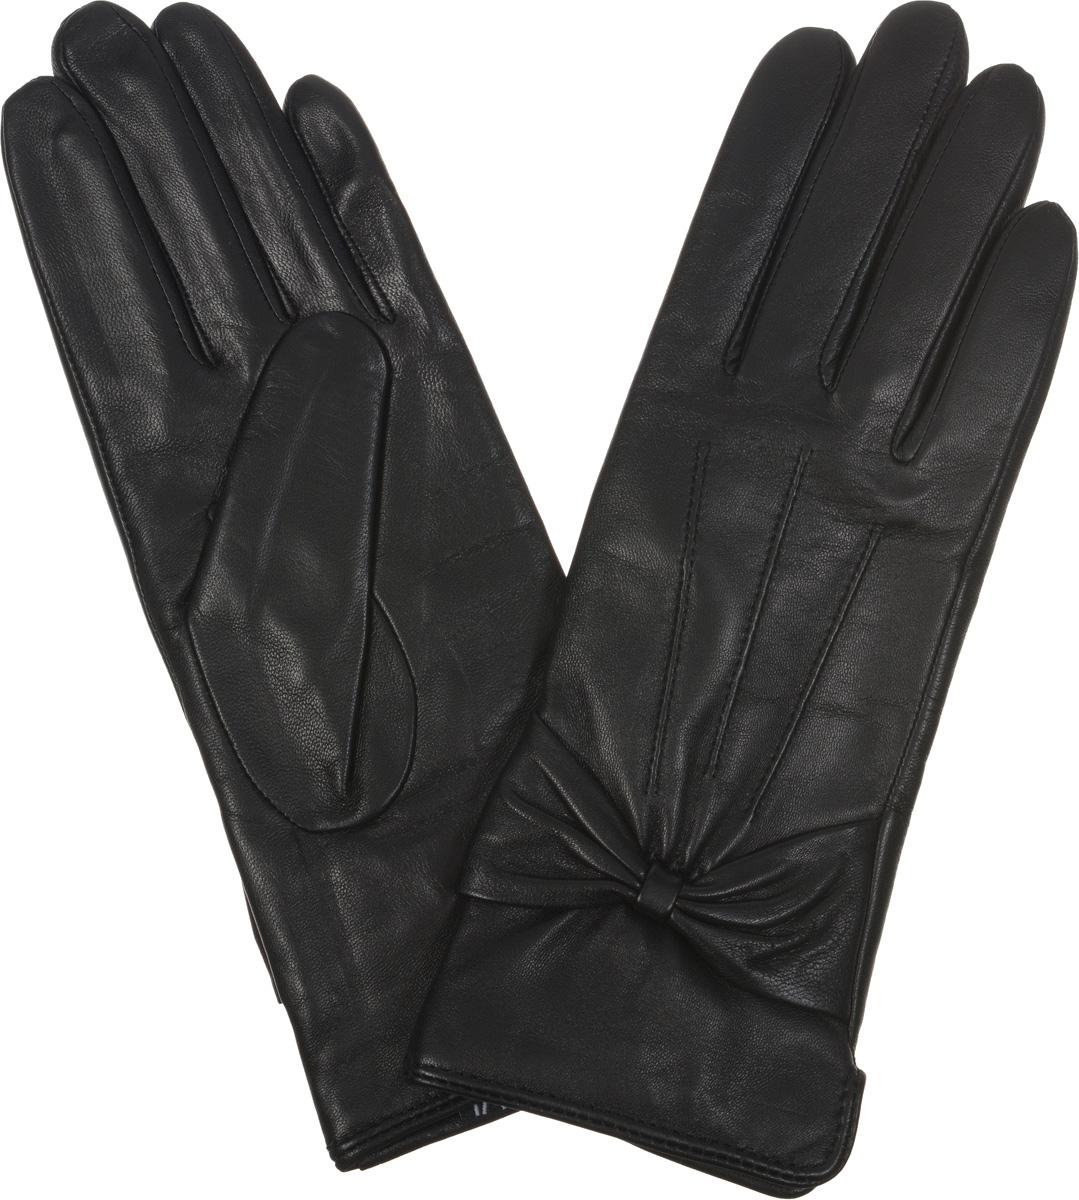 Перчатки женские. 12.812.8-1Элегантные женские перчатки Fabretti станут великолепным дополнением вашего образа и защитят ваши руки от холода и ветра во время прогулок. Перчатки выполнены из эфиопской перчаточной кожи ягненка на подкладке из шерсти с добавлением кашемира, что позволяет им надежно сохранять тепло. Перчатки оформлены декоративной прострочкой, а манжеты украшены с внешней стороны кожаными бантами. Такие перчатки будут оригинальным завершающим штрихом в создании современного модного образа, они подчеркнут ваш изысканный вкус и станут незаменимым и практичным аксессуаром.